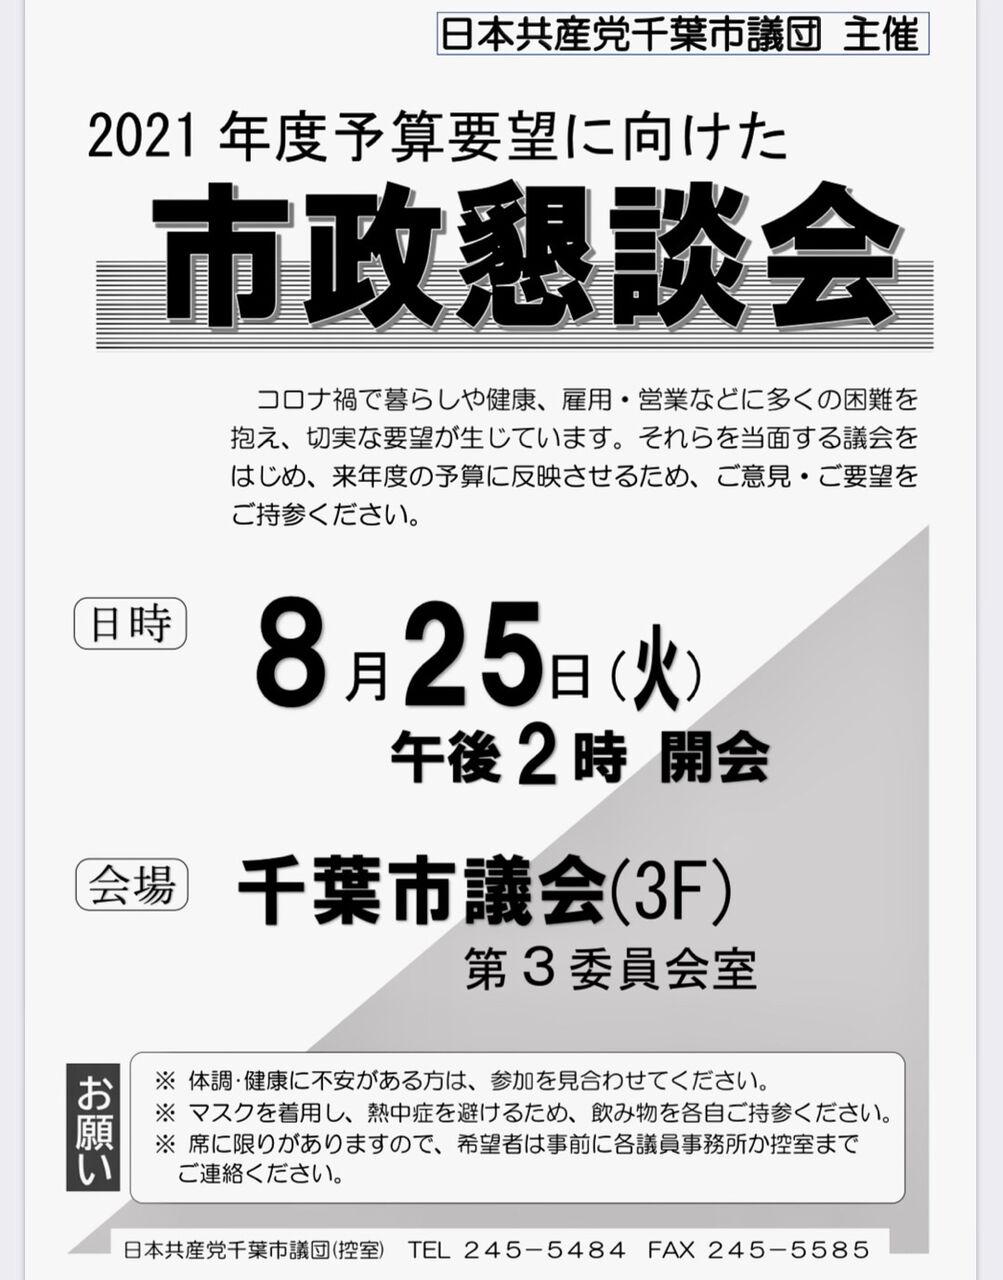 25日に市政懇談会を開催!コロナ対策など報告します!